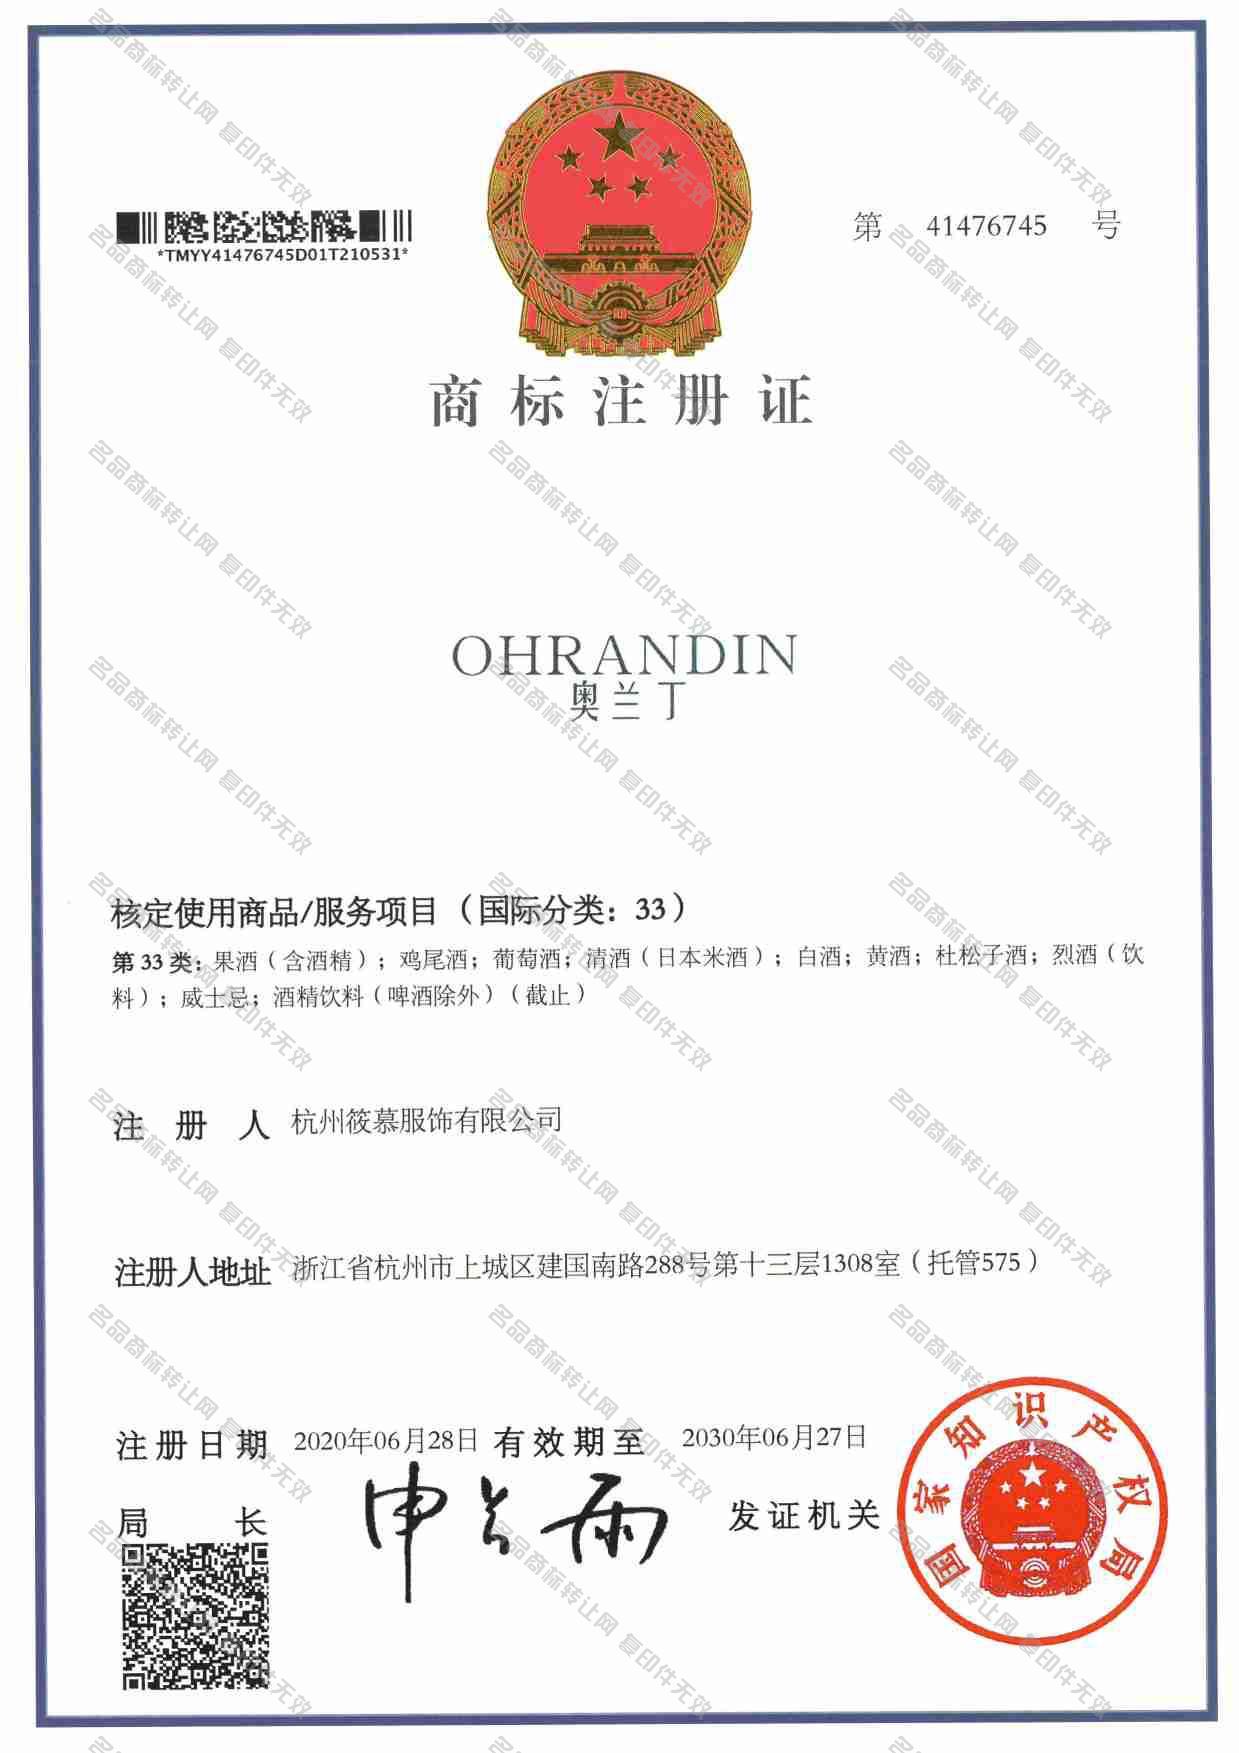 奥兰丁 OHRANDIN注册证